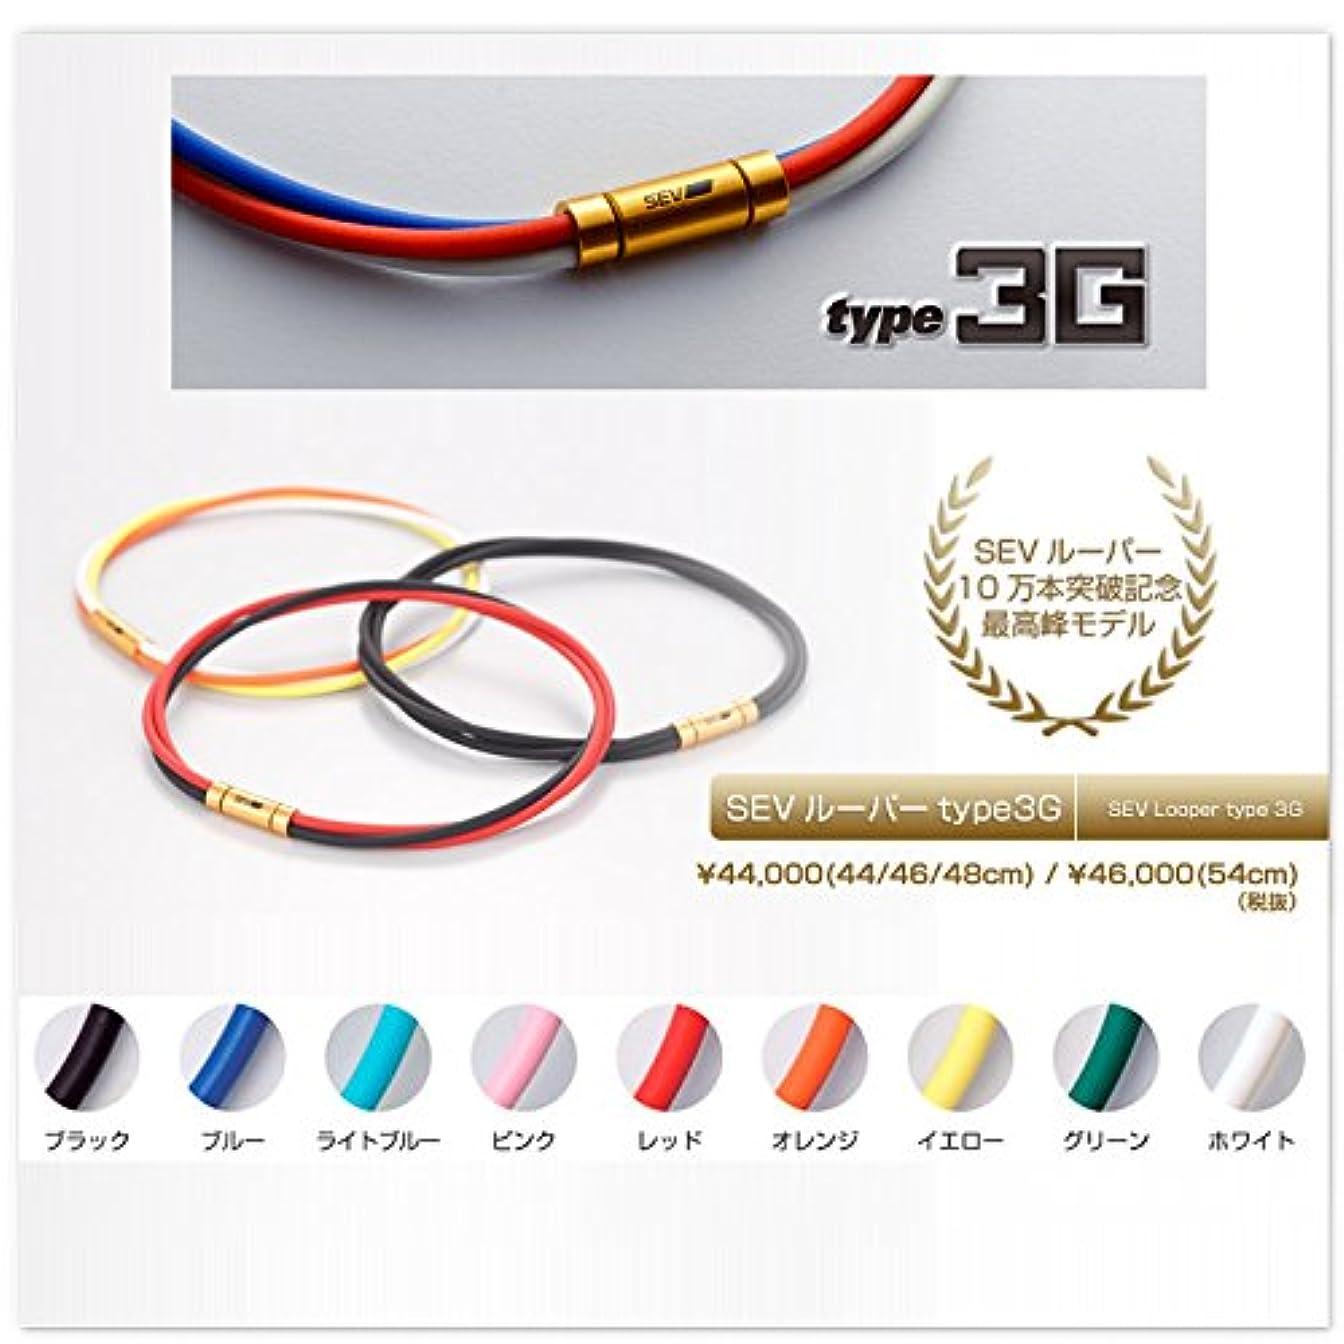 放課後メイド連合SEV Looper(ルーパー) type 3G 46cm ライトブルー * レッド * ブルー